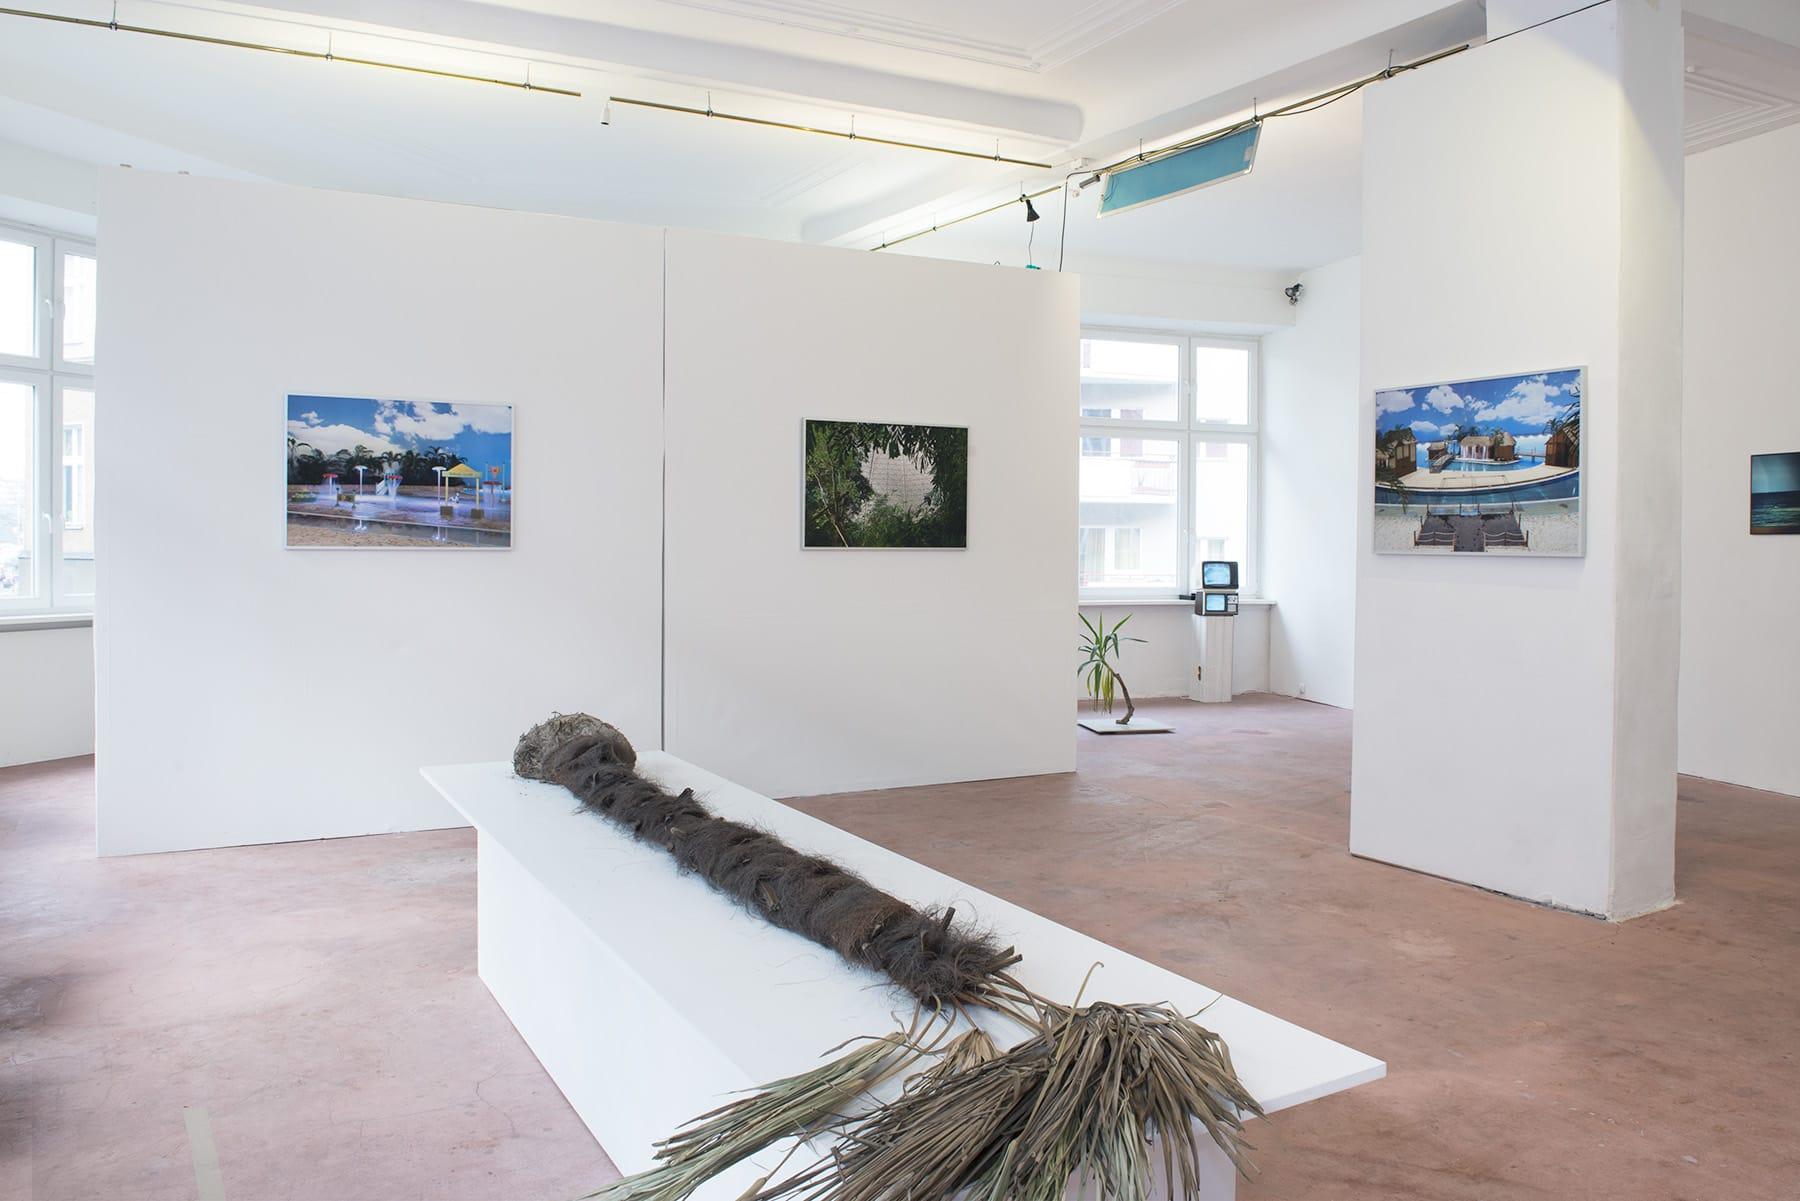 Tropicana 404, Somos Arts, Berlin, DE, 2015